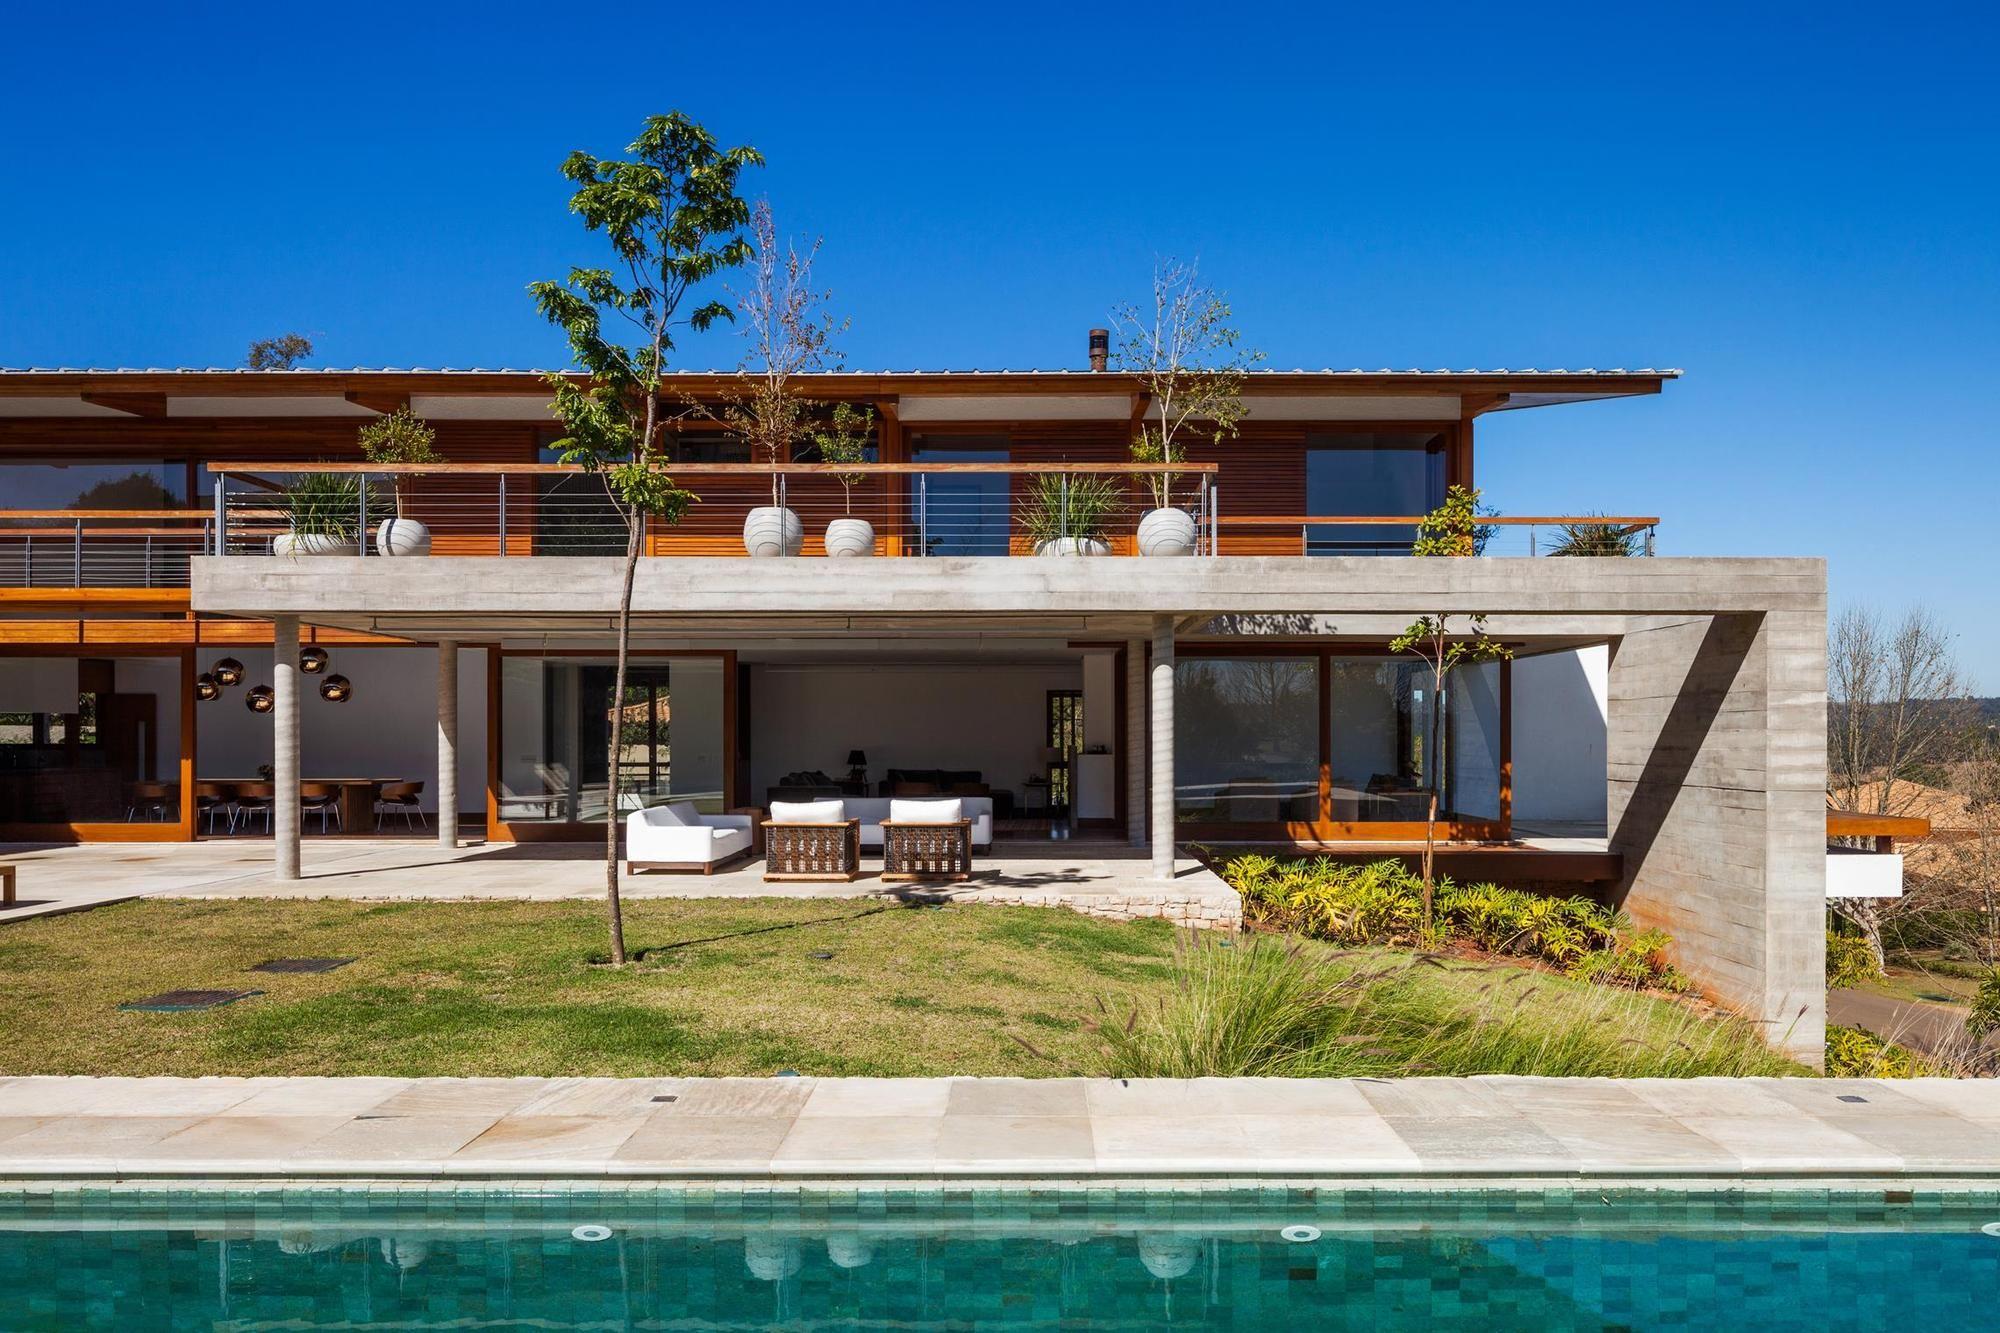 Galeria - Residência FT / Reinach Mendonça Arquitetos Associados - 11